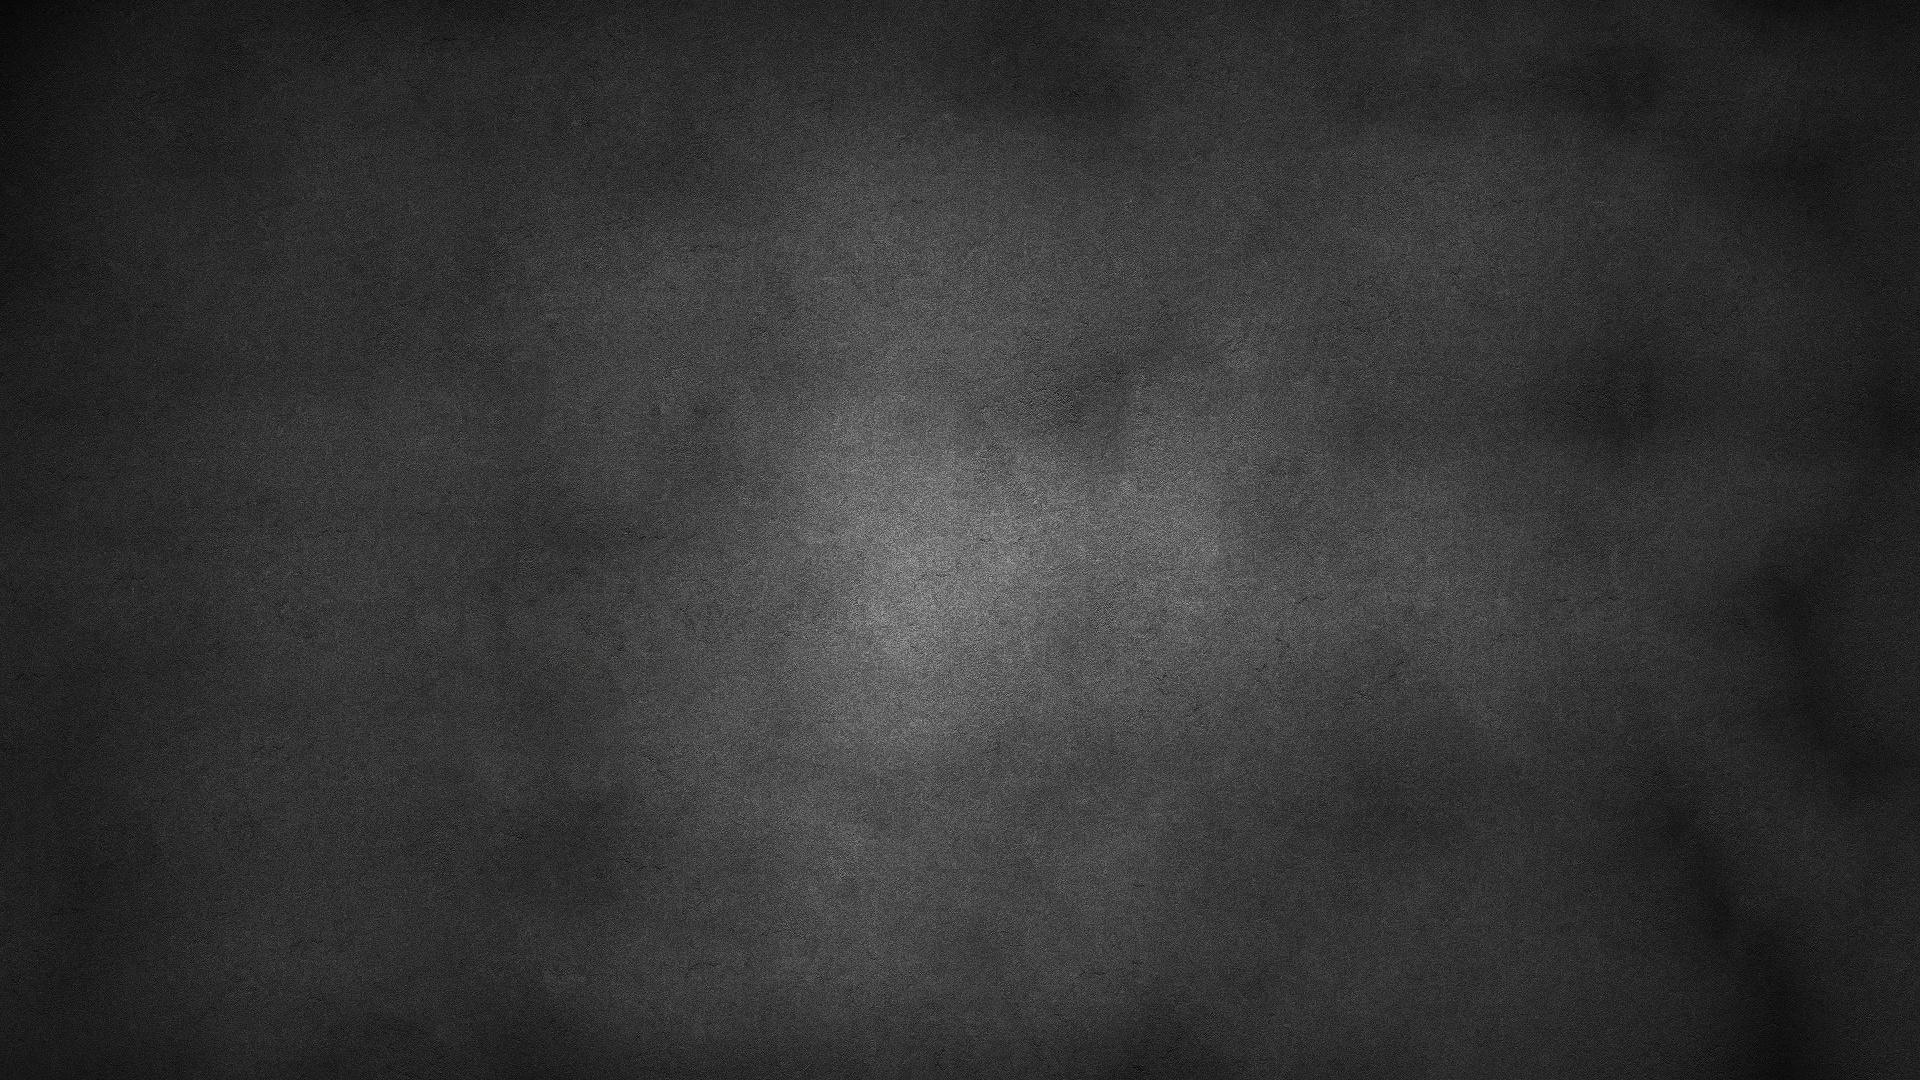 de pantalla gris mnima sucio simple texturas fotos 1920x1080 1920x1080